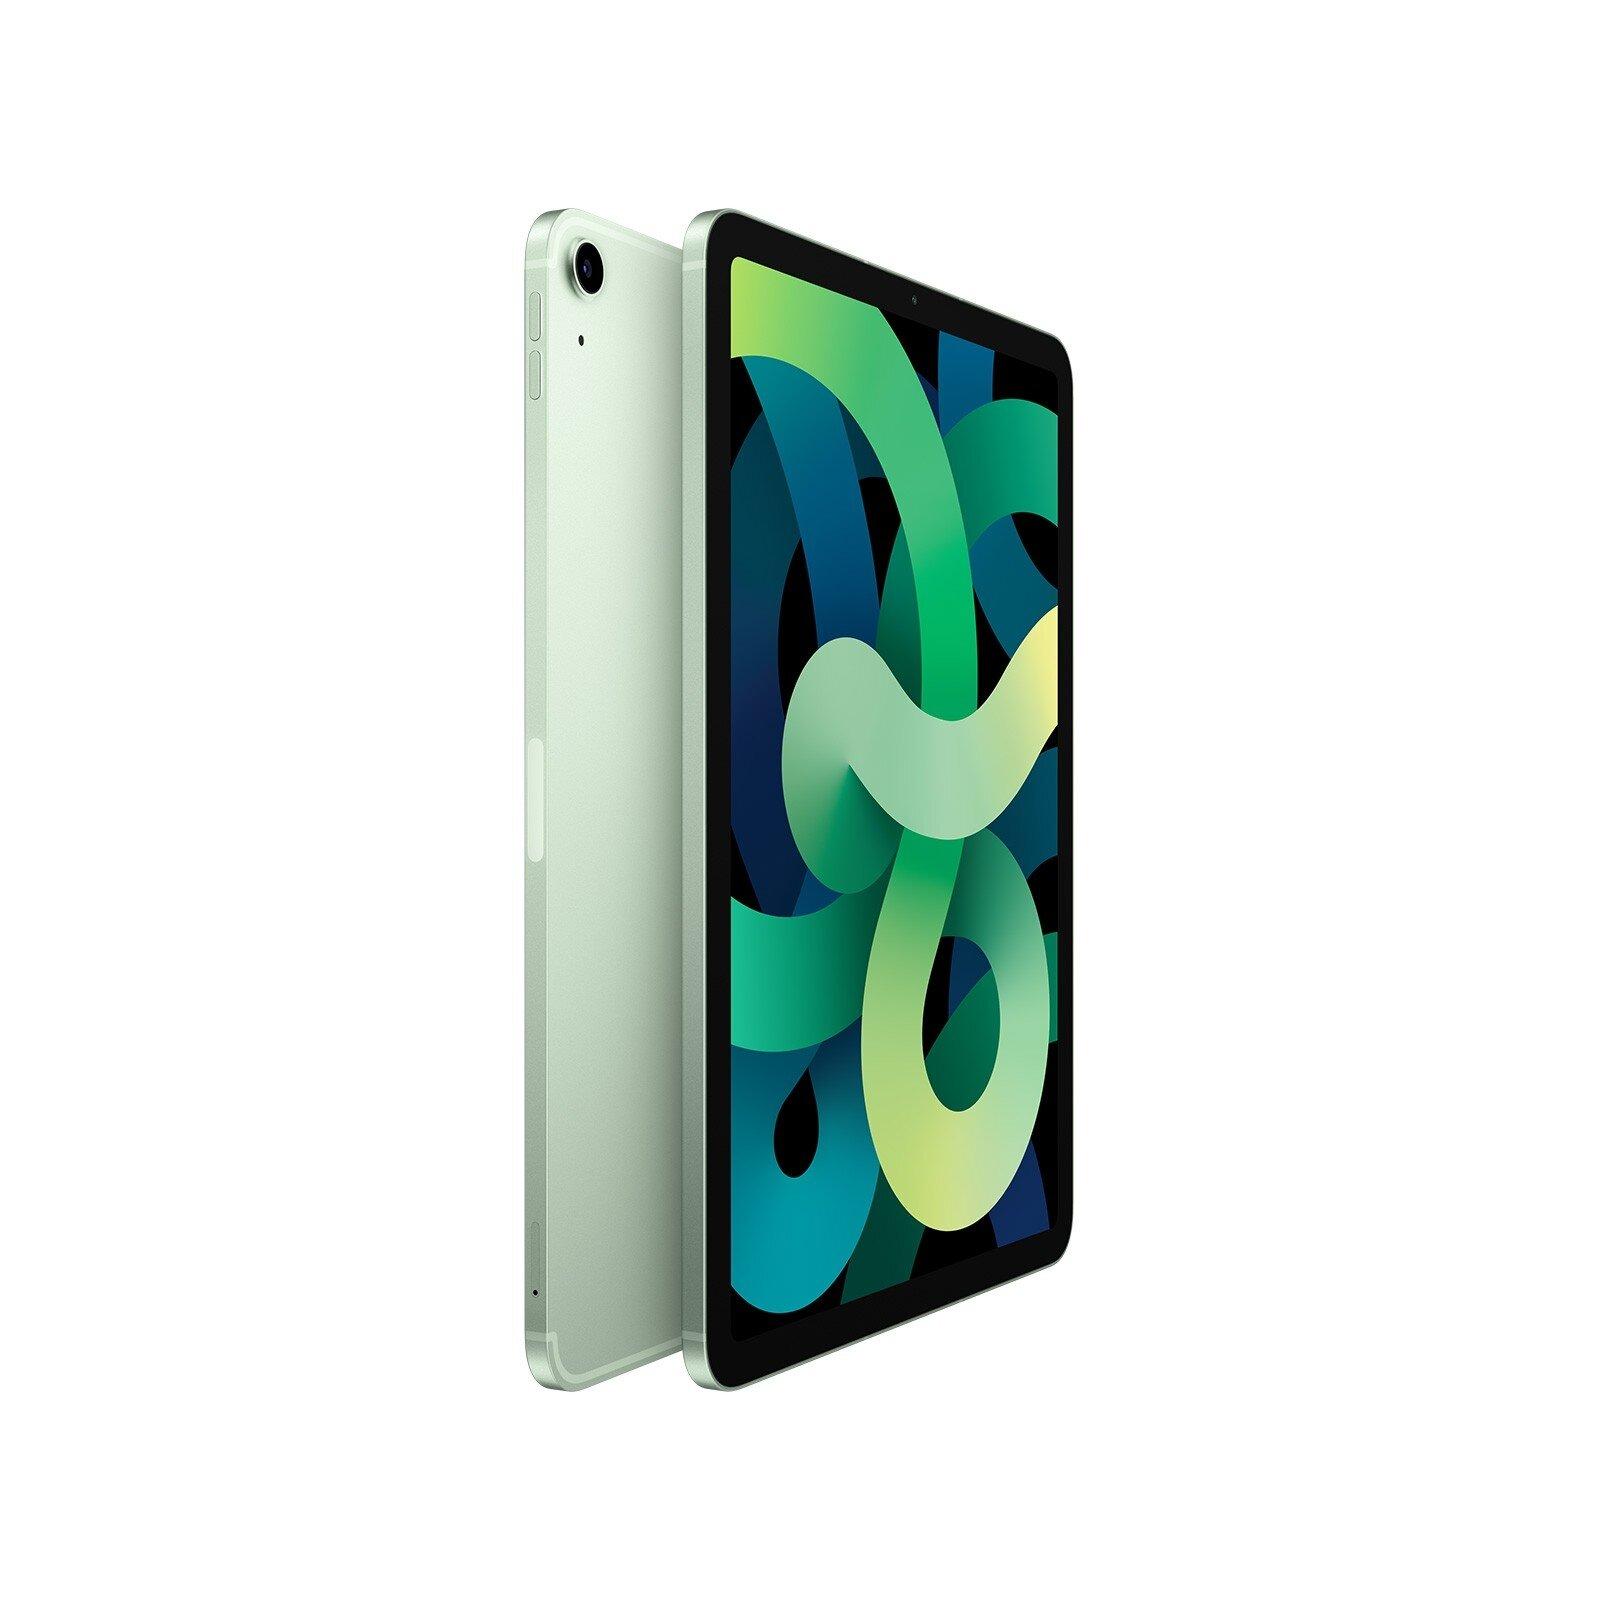 Apple iPad Air 10.9-inch Wi-Fi + Cellular 256GB - Green